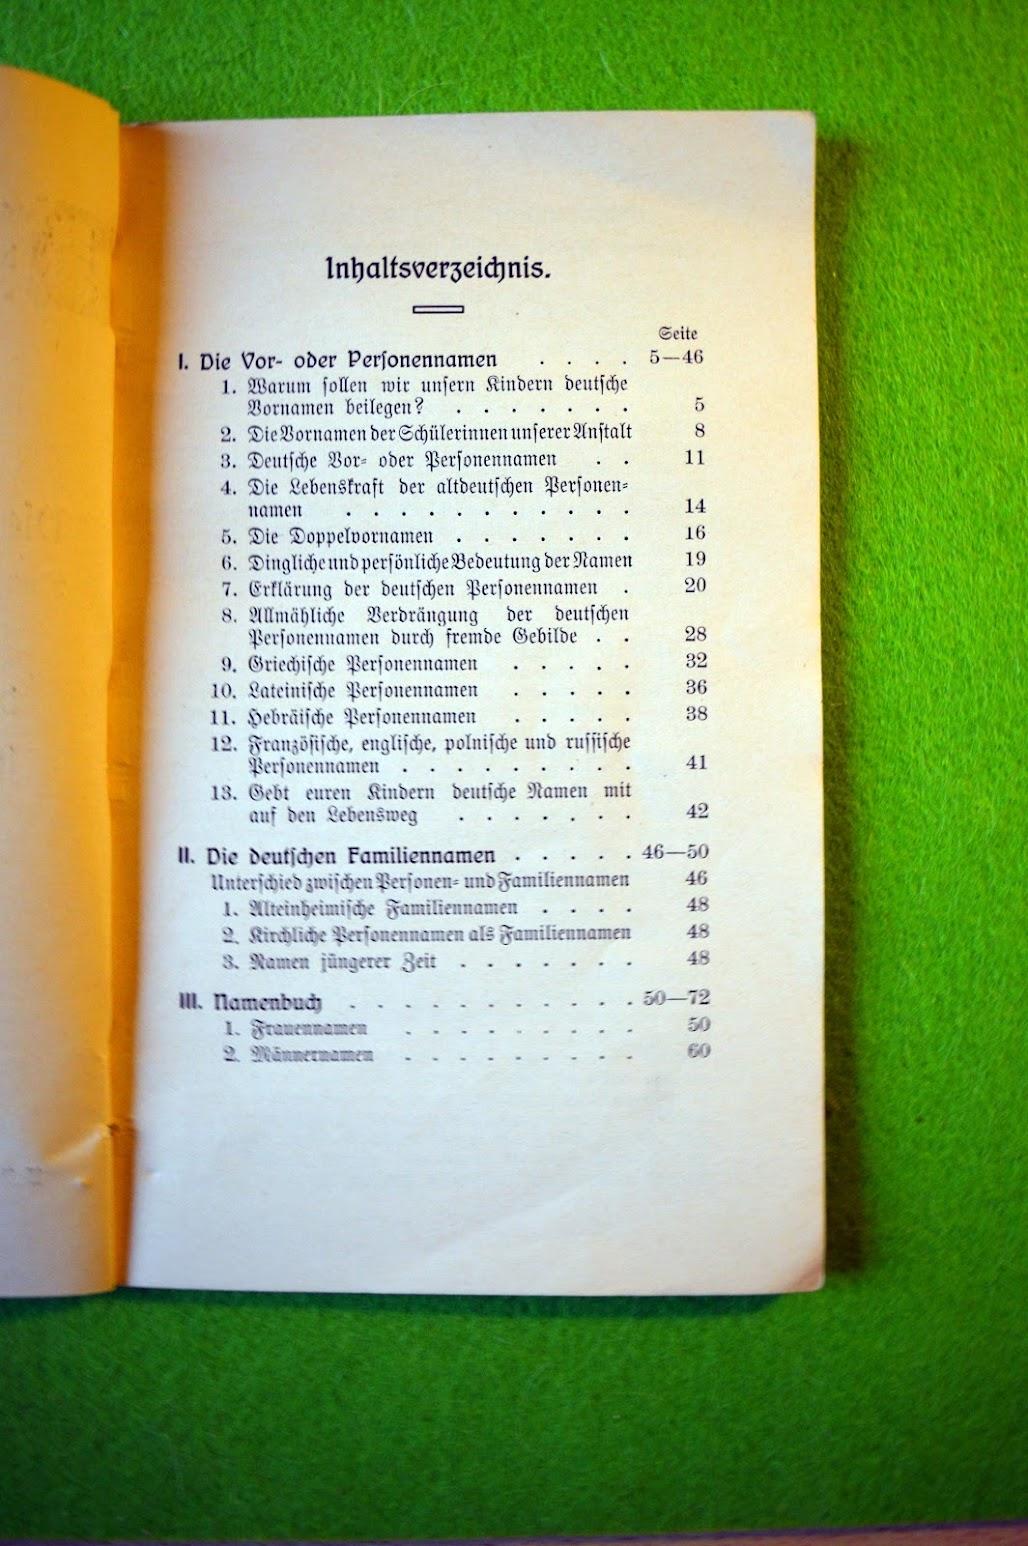 Vornamenbuch von 1912